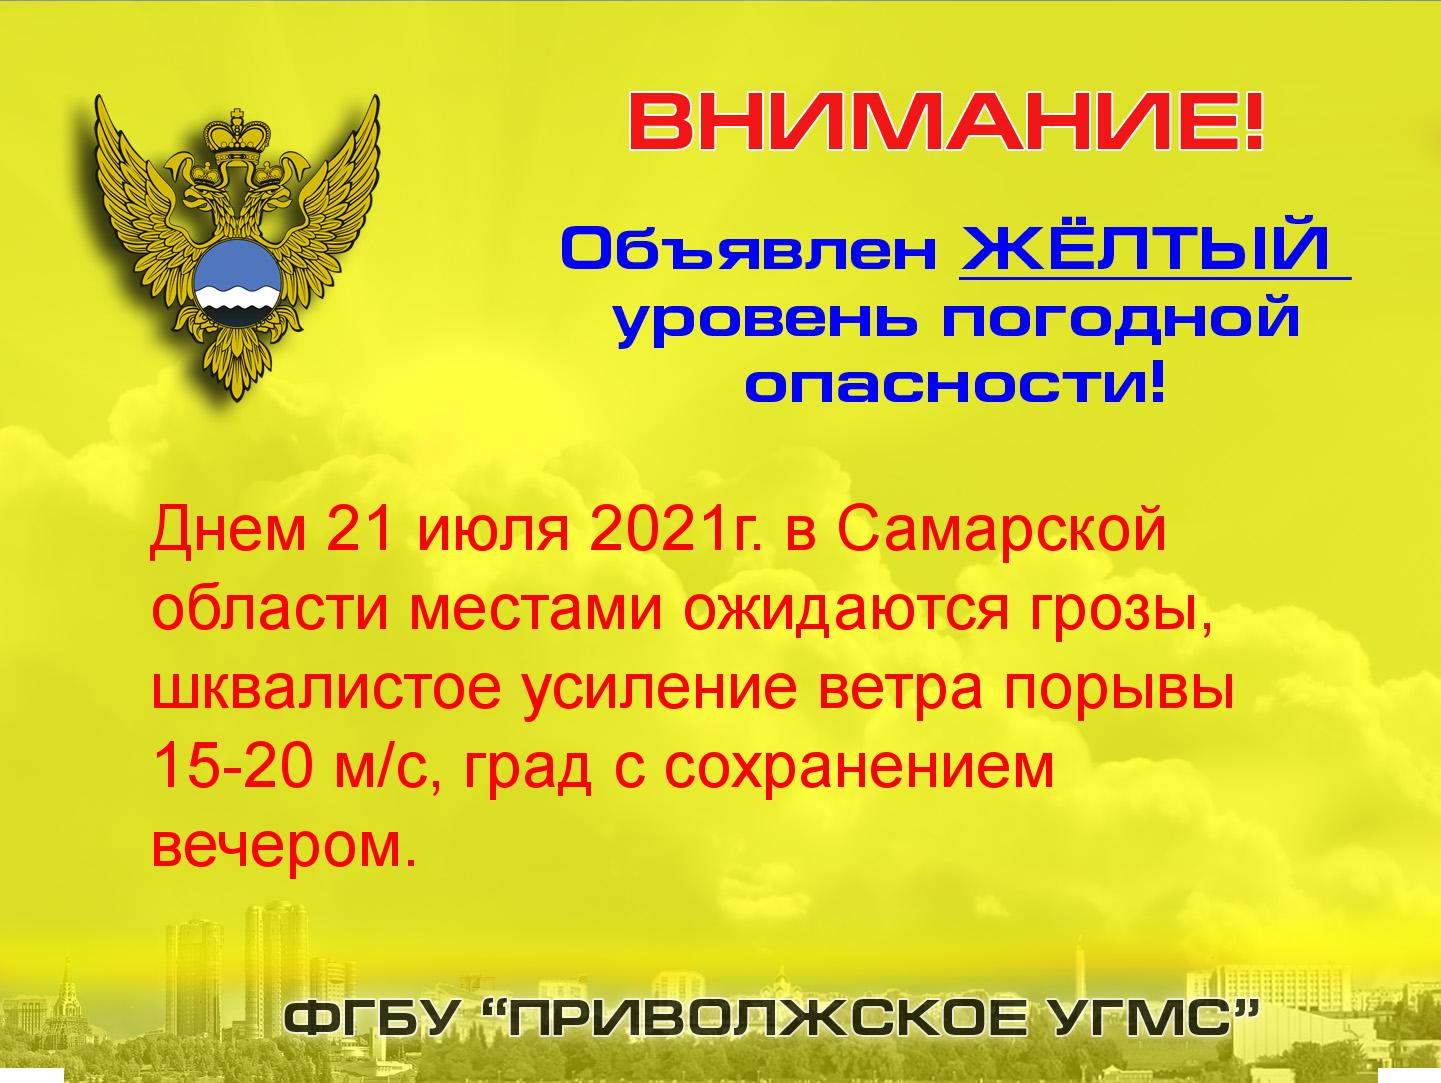 В Самарской области жёлтый уровень опасности объявлен на 21 июля 2021 года